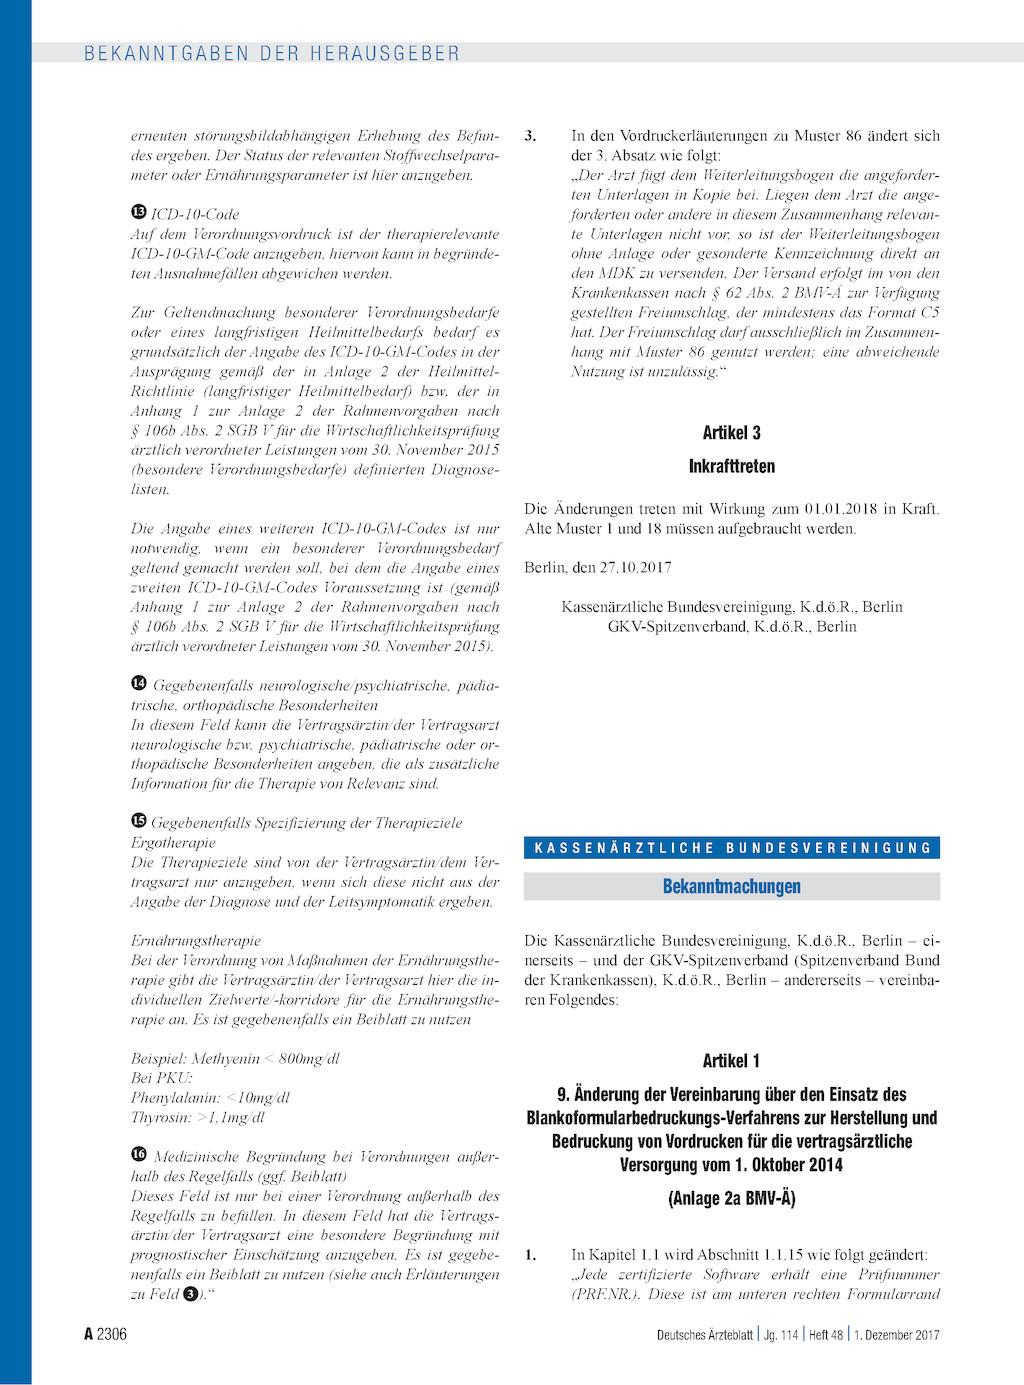 Artikel 1 9 änderung Der Vereinbarung über Den Einsatz Des